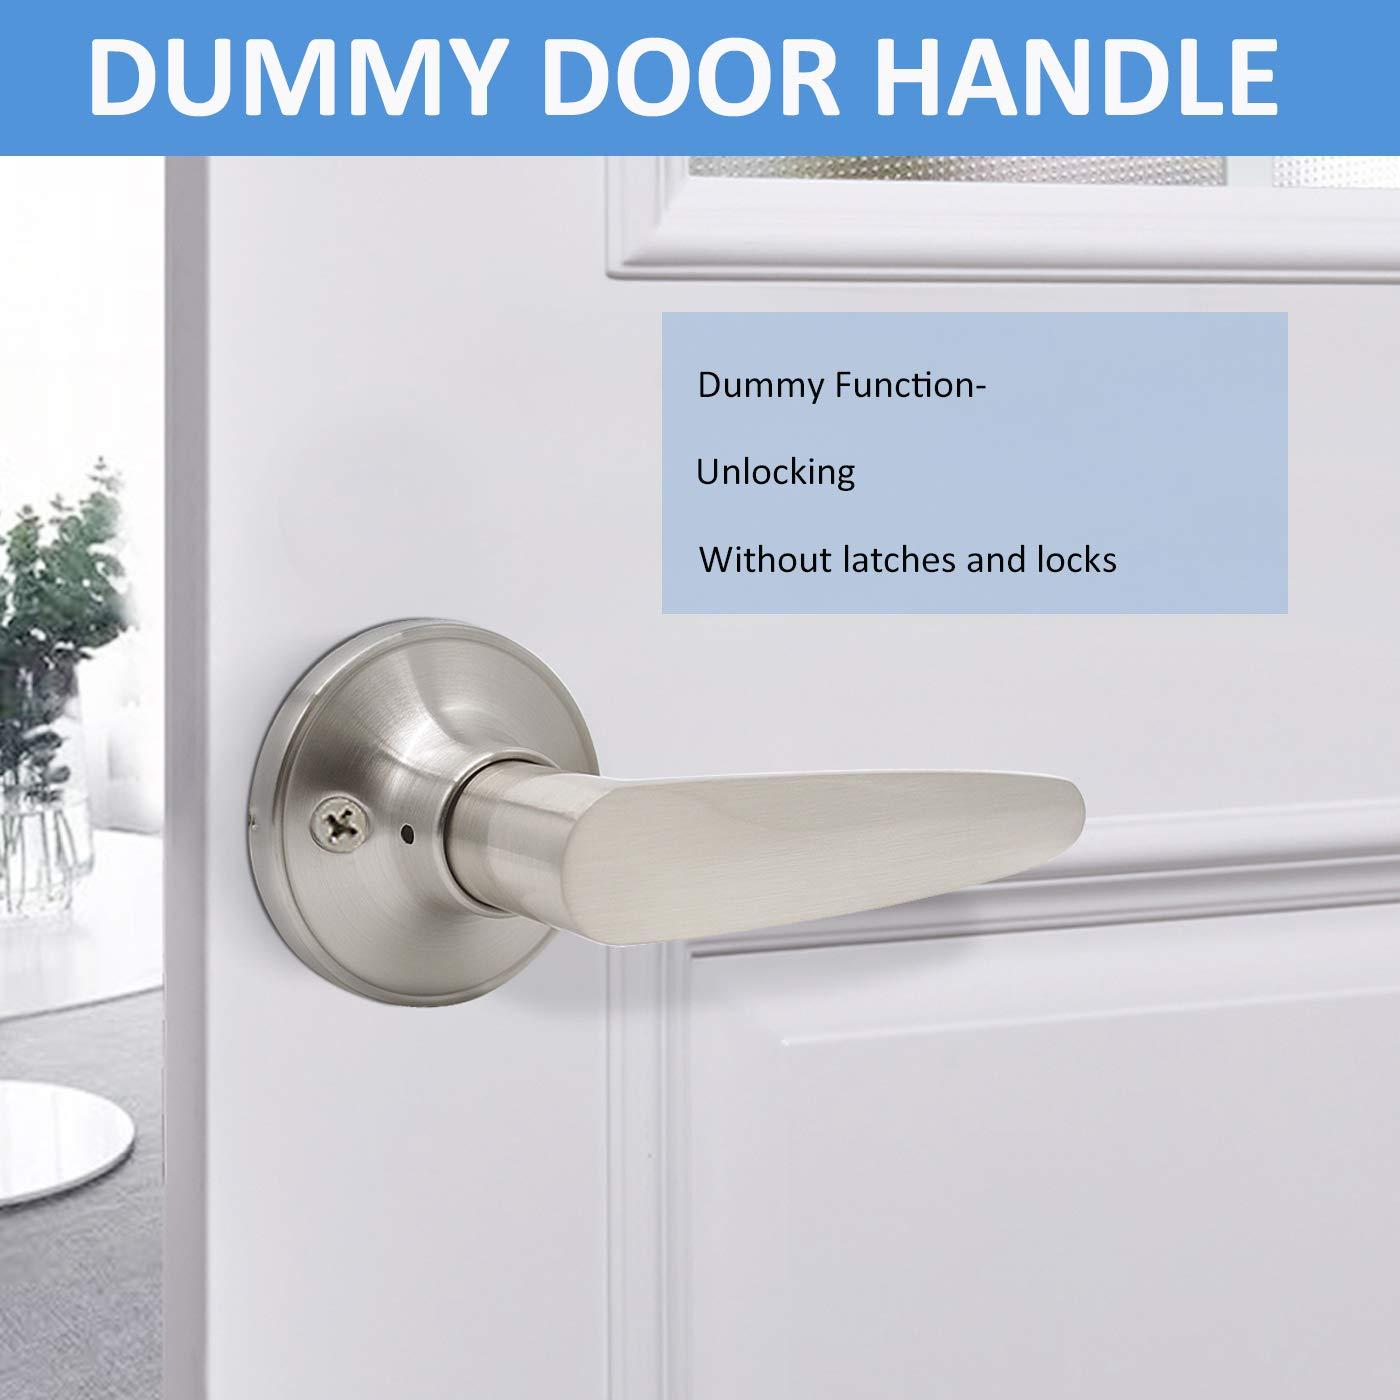 Bedroom Bathromm Door Levers Privacy Universal Door Handles Interior Brushed Nickel Finish-Keyless Leverset-1 Pack